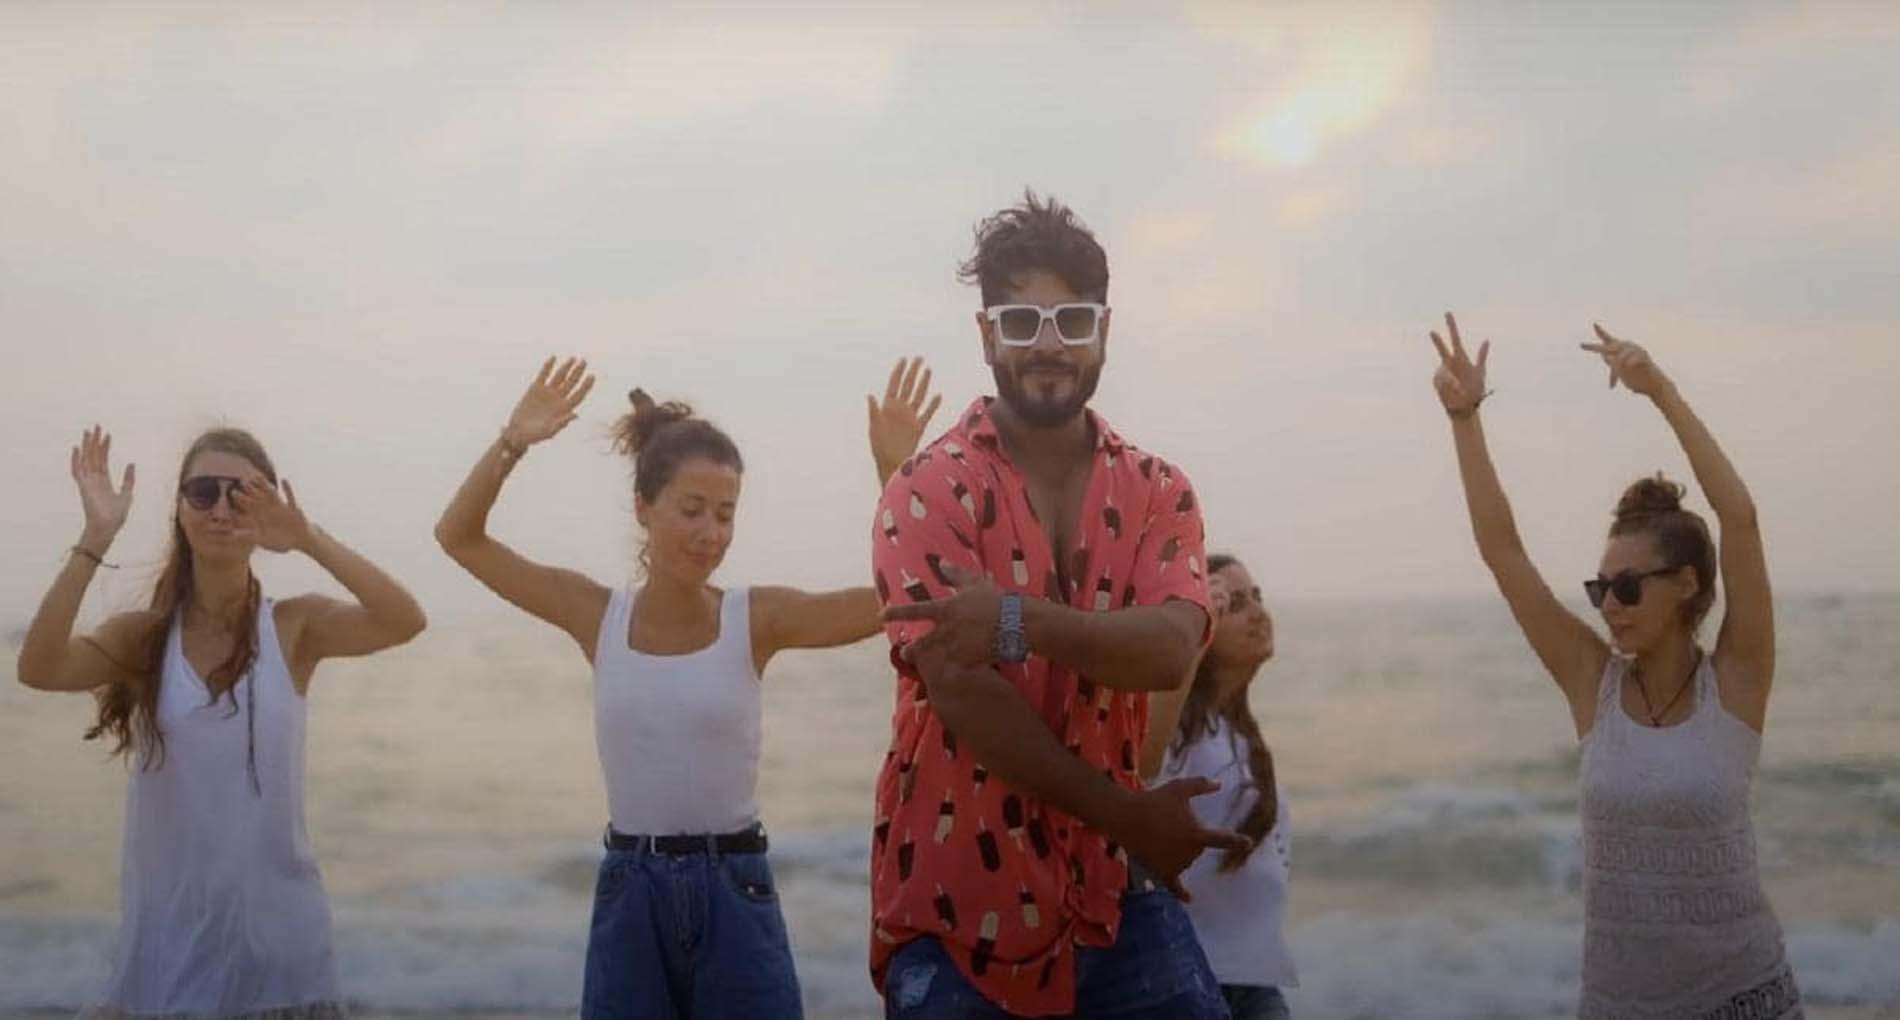 Haryanvi Song: विश्वजीत चौधरी का नया गाना 'कर्फ्यू' मचा रहा धूम! देखें वीडियो